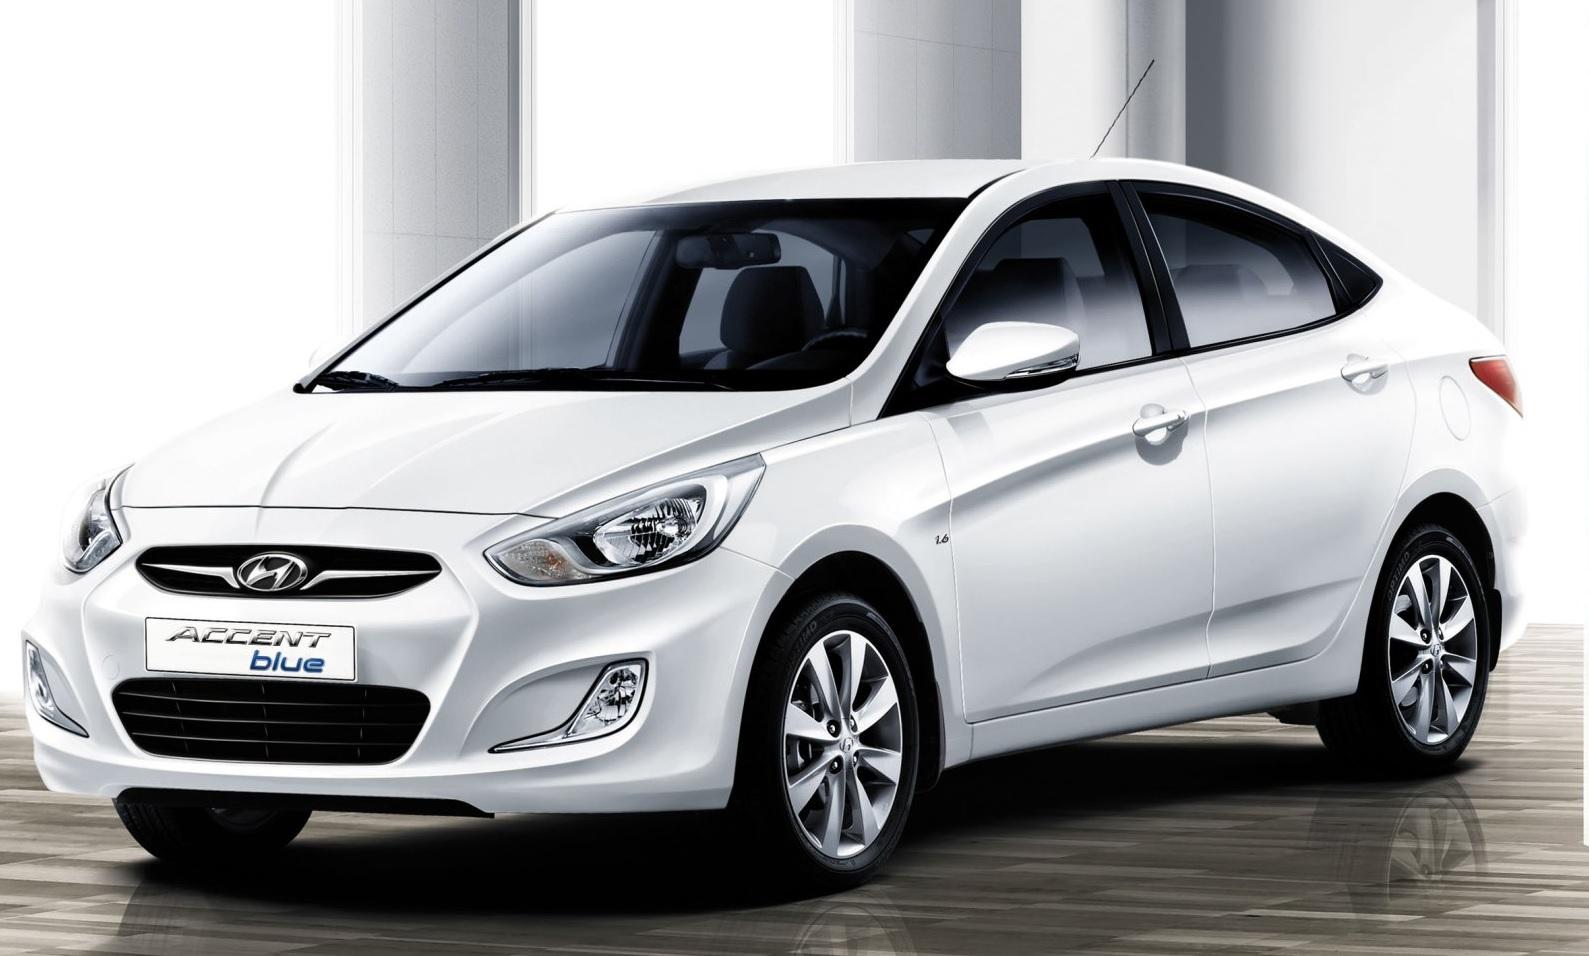 Hyundai Accent Blue 1.6 CRDi